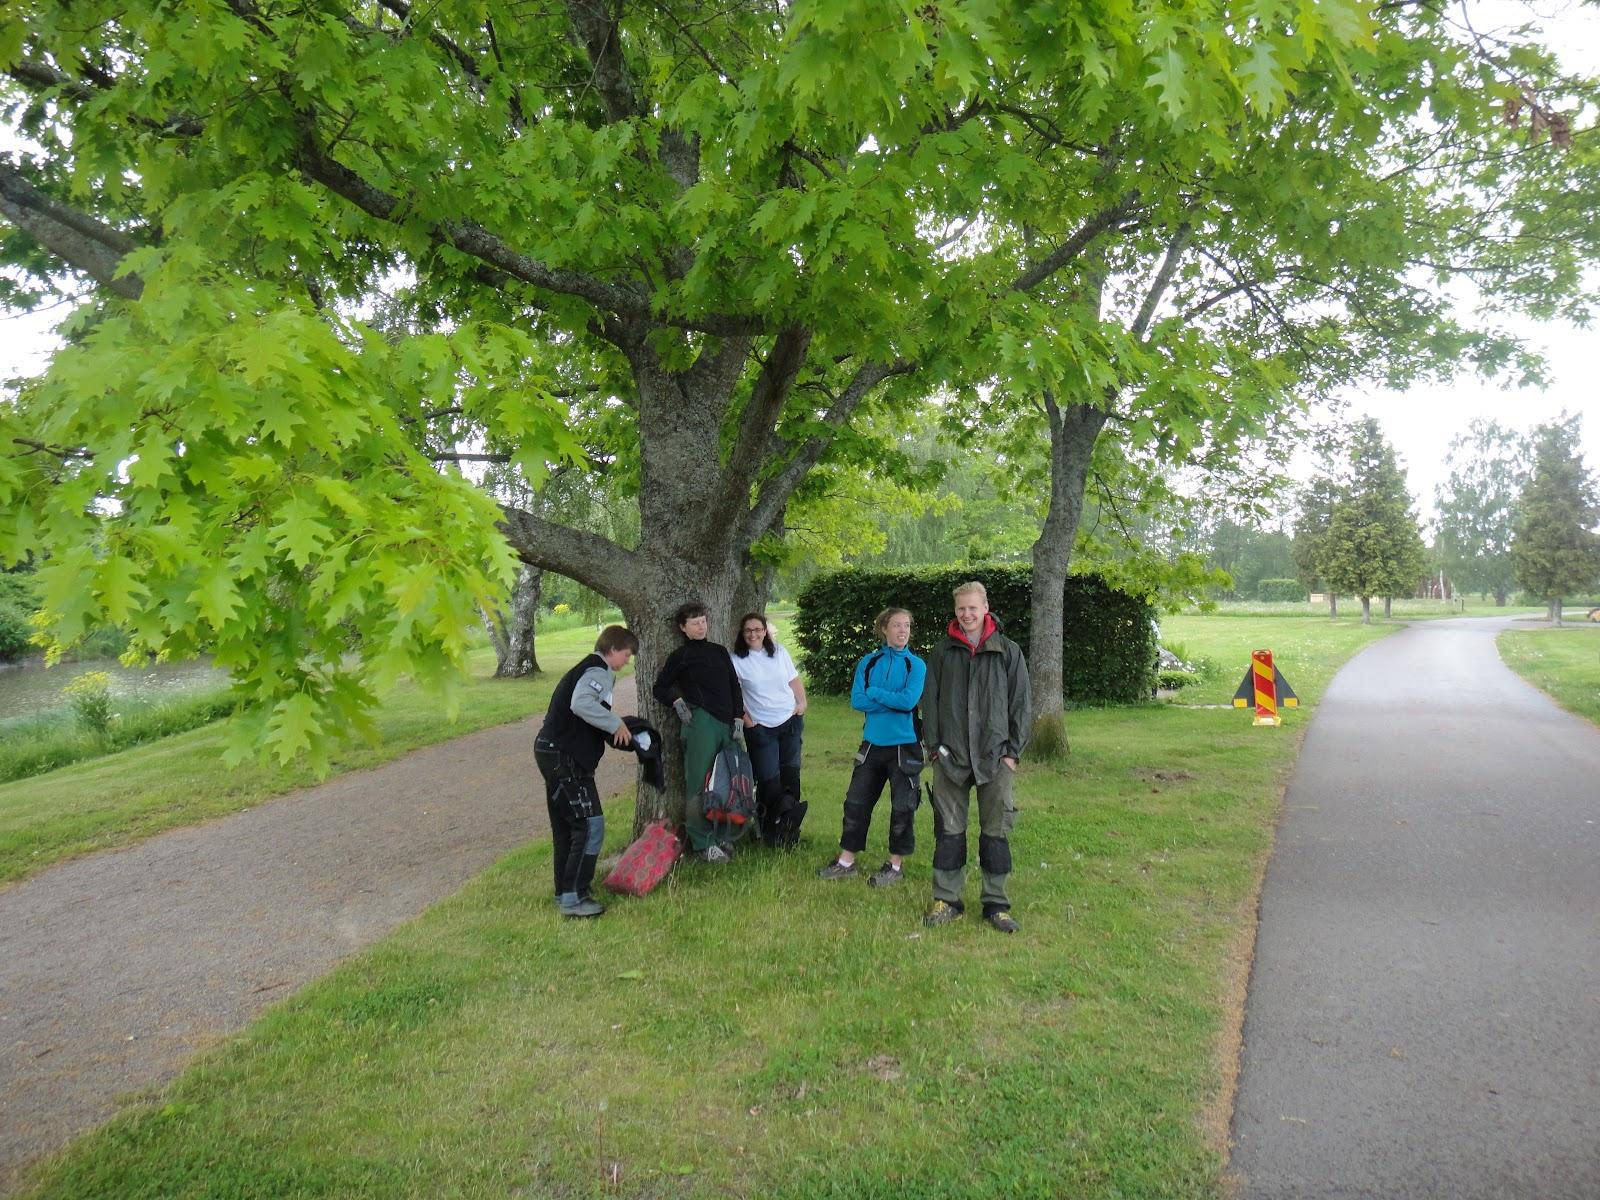 Enköpings idéträdgårdar 2012: bilder från femte anläggningsdagen